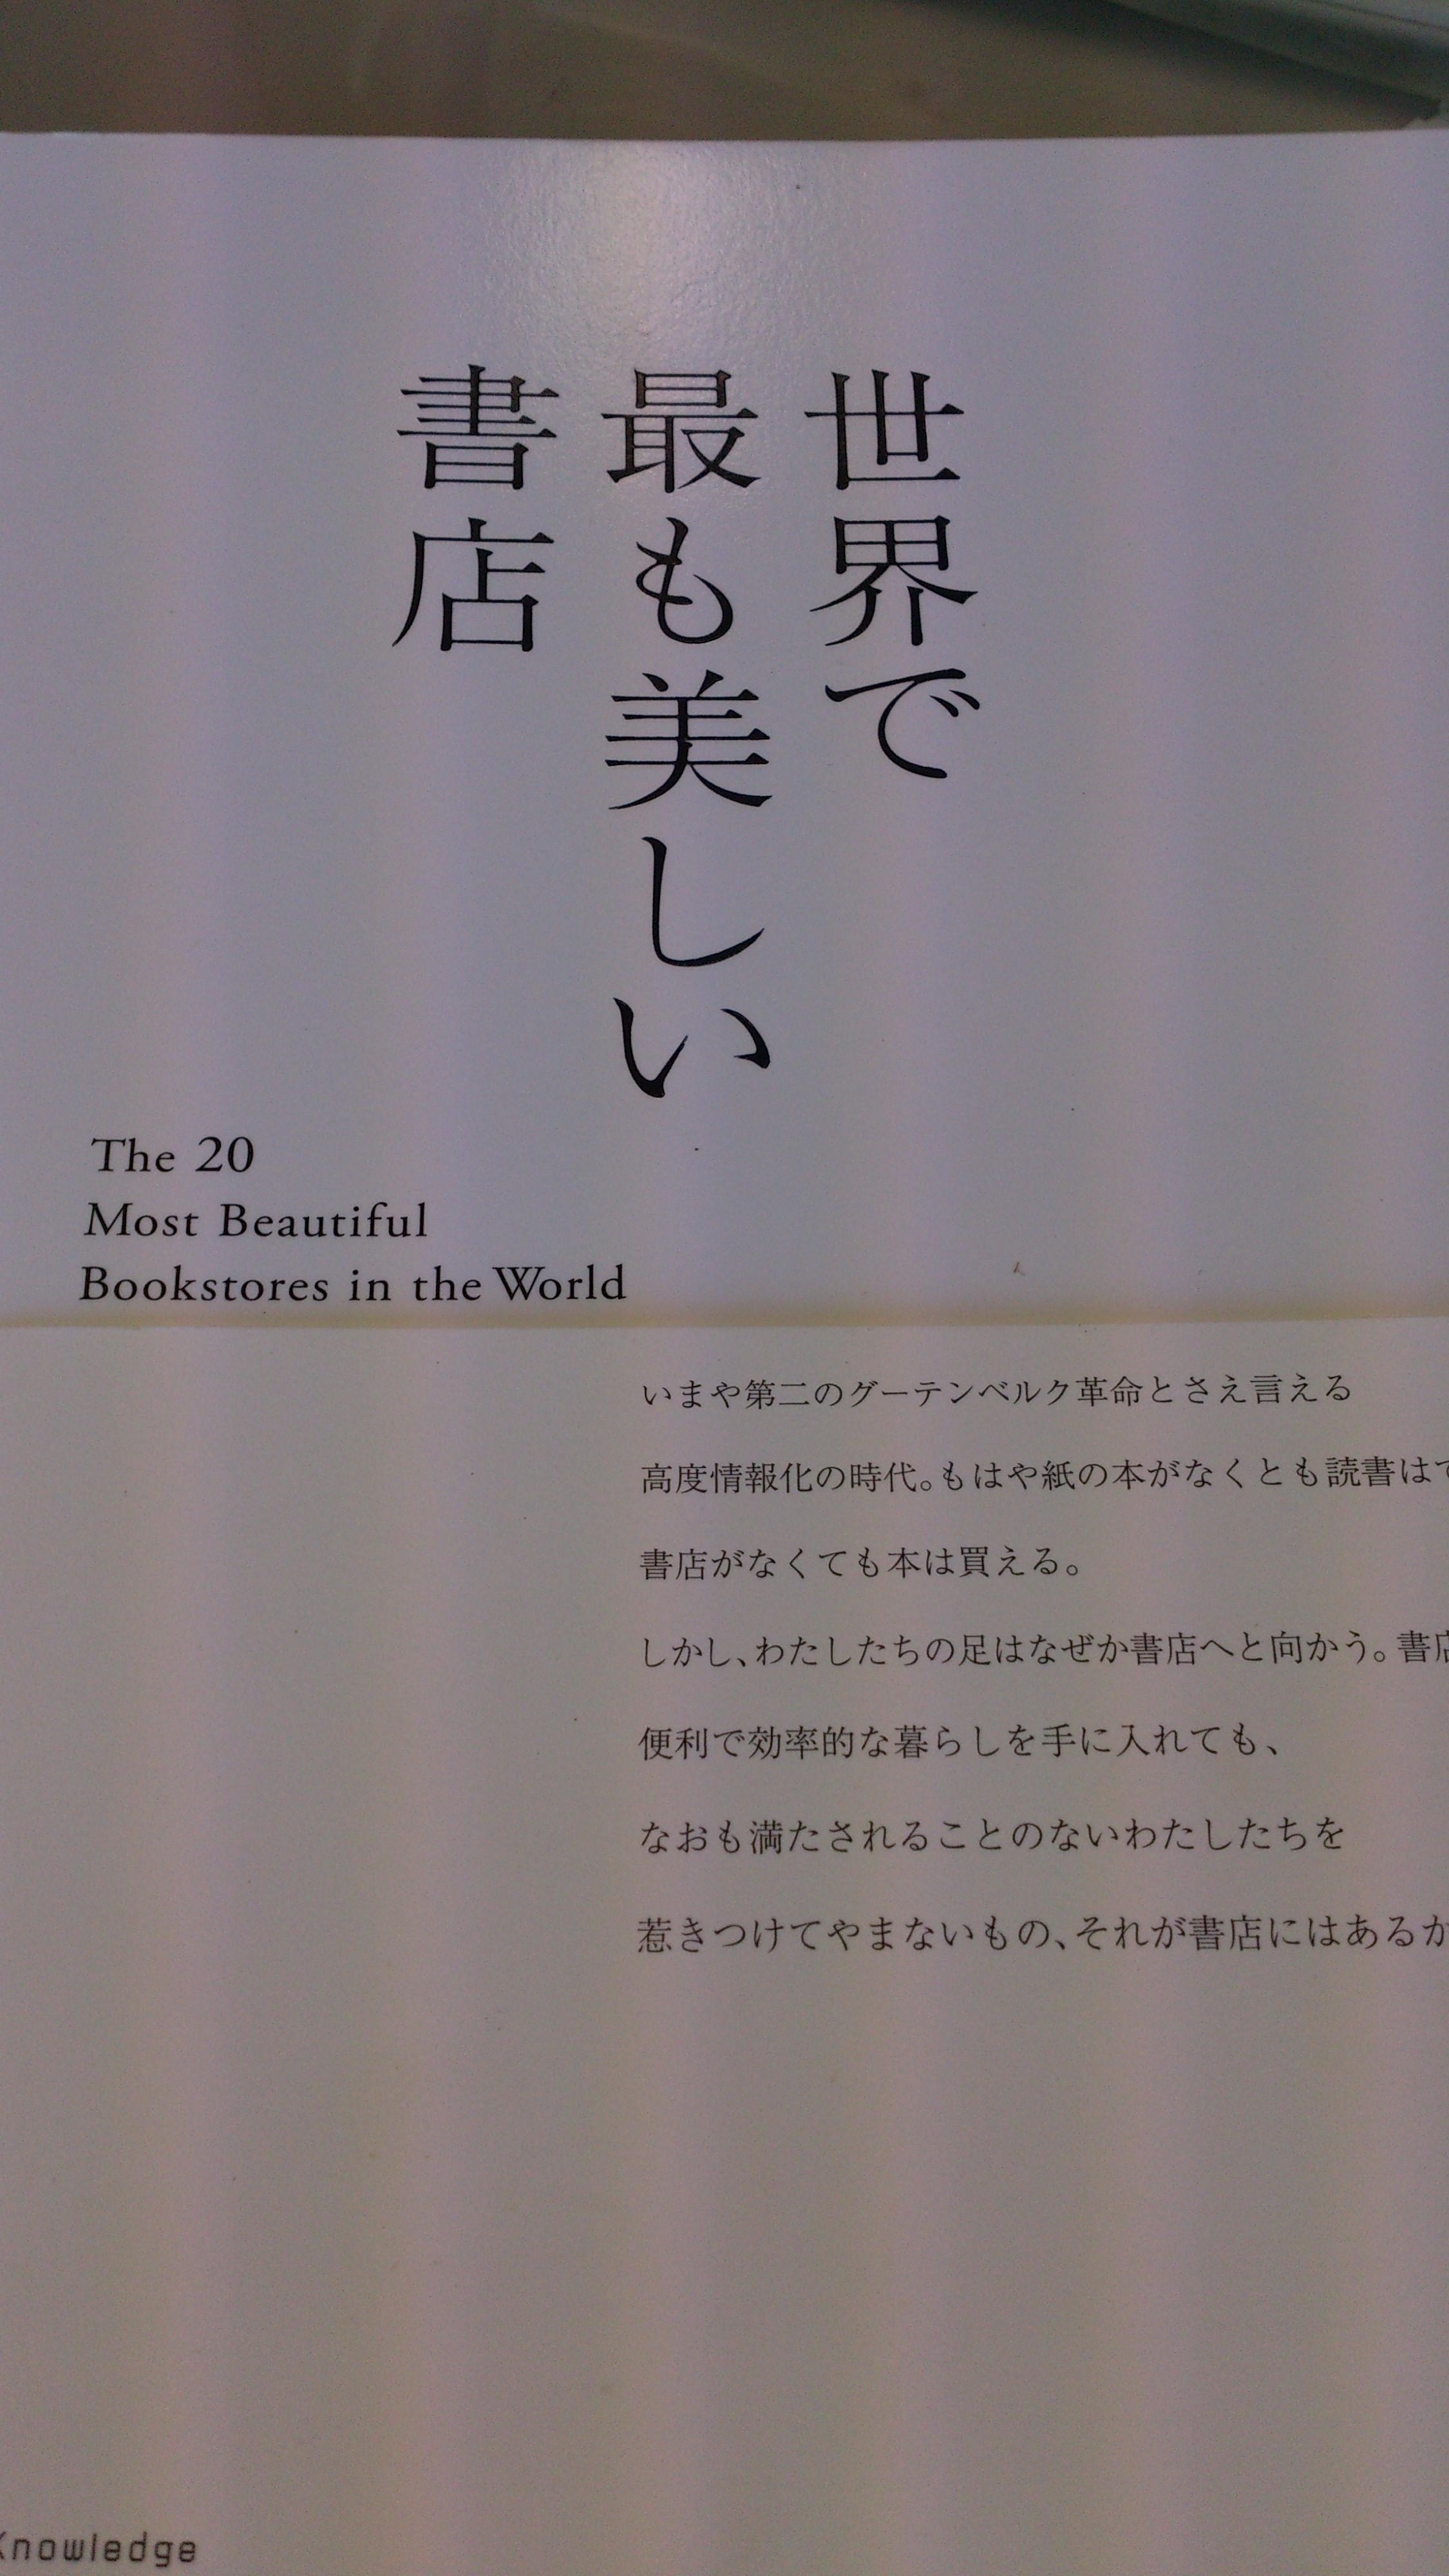 世界一美しい書店